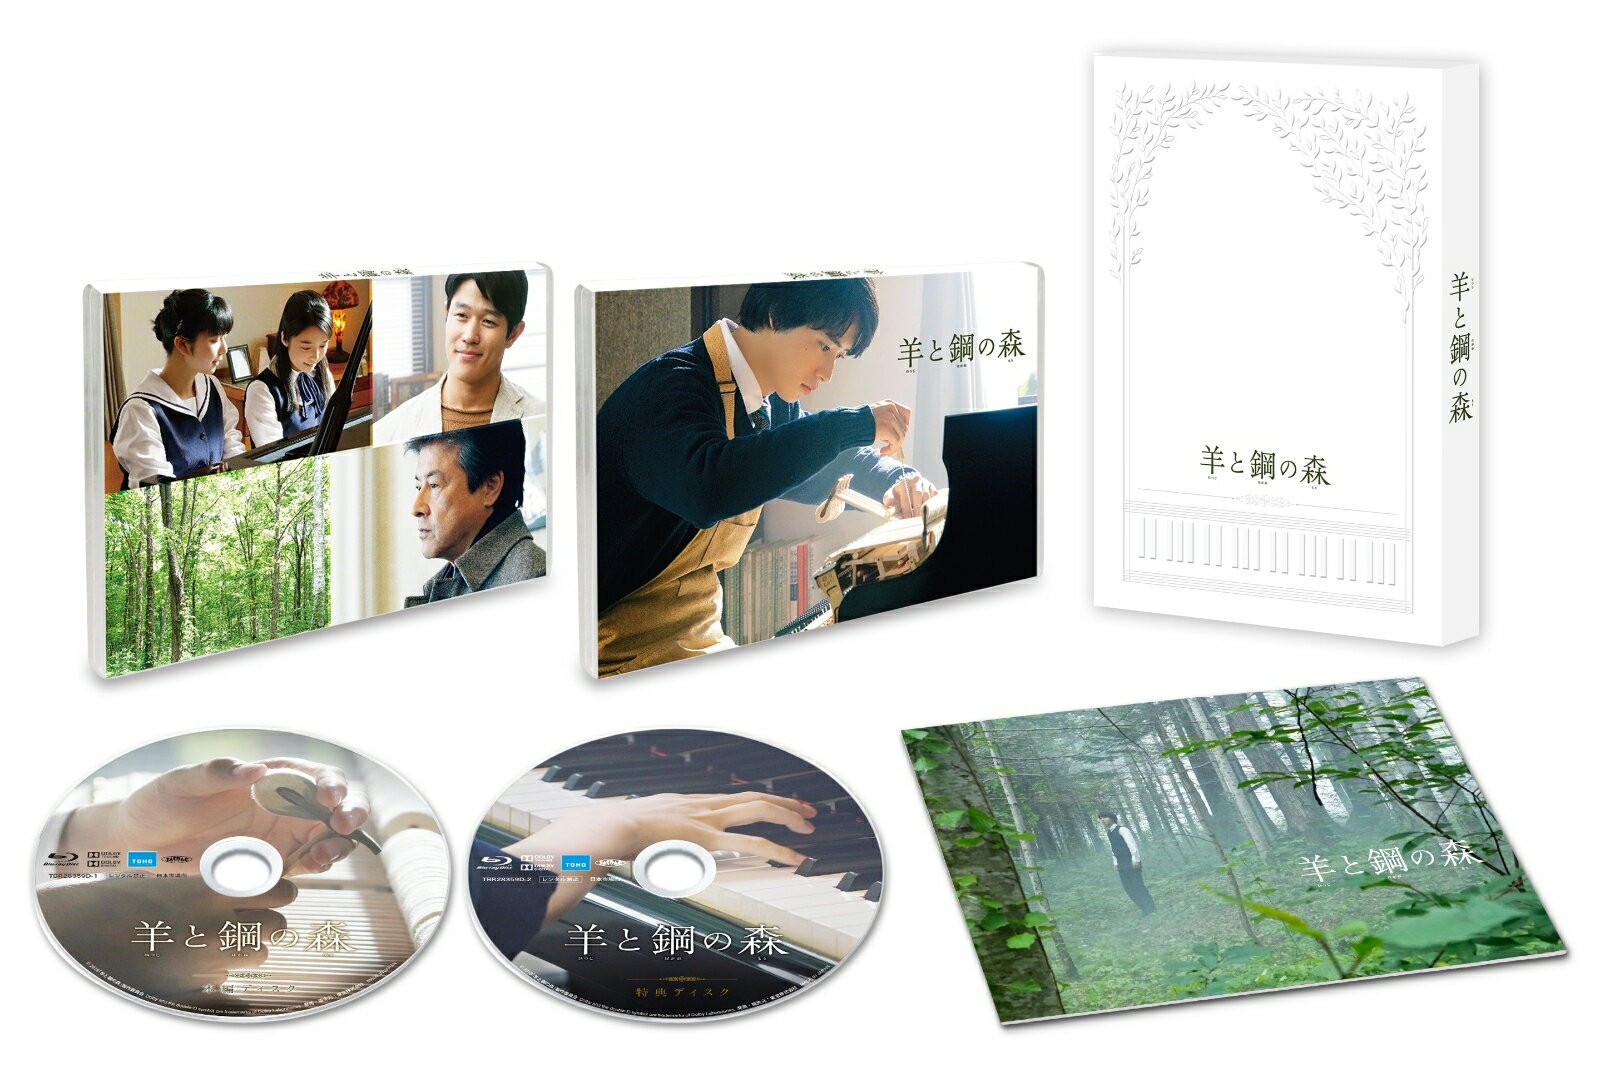 羊と鋼の森 Blu-ray 豪華版【Blu-ray】 [ 山崎賢人 ]